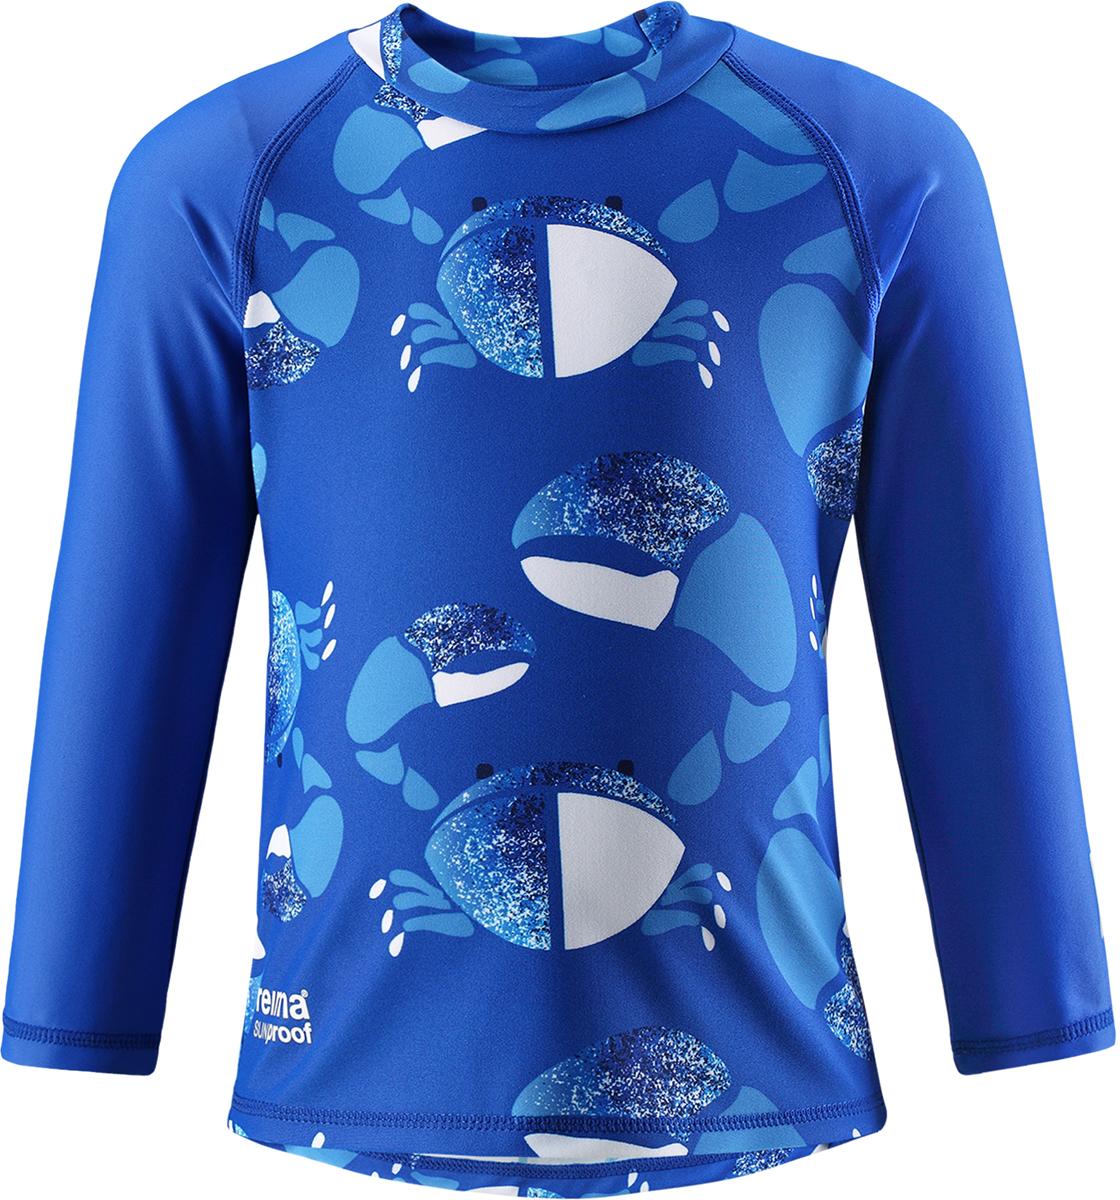 Футболка для плавания детская Reima Borneo, цвет: синий. 5163496643. Размер 925163496643